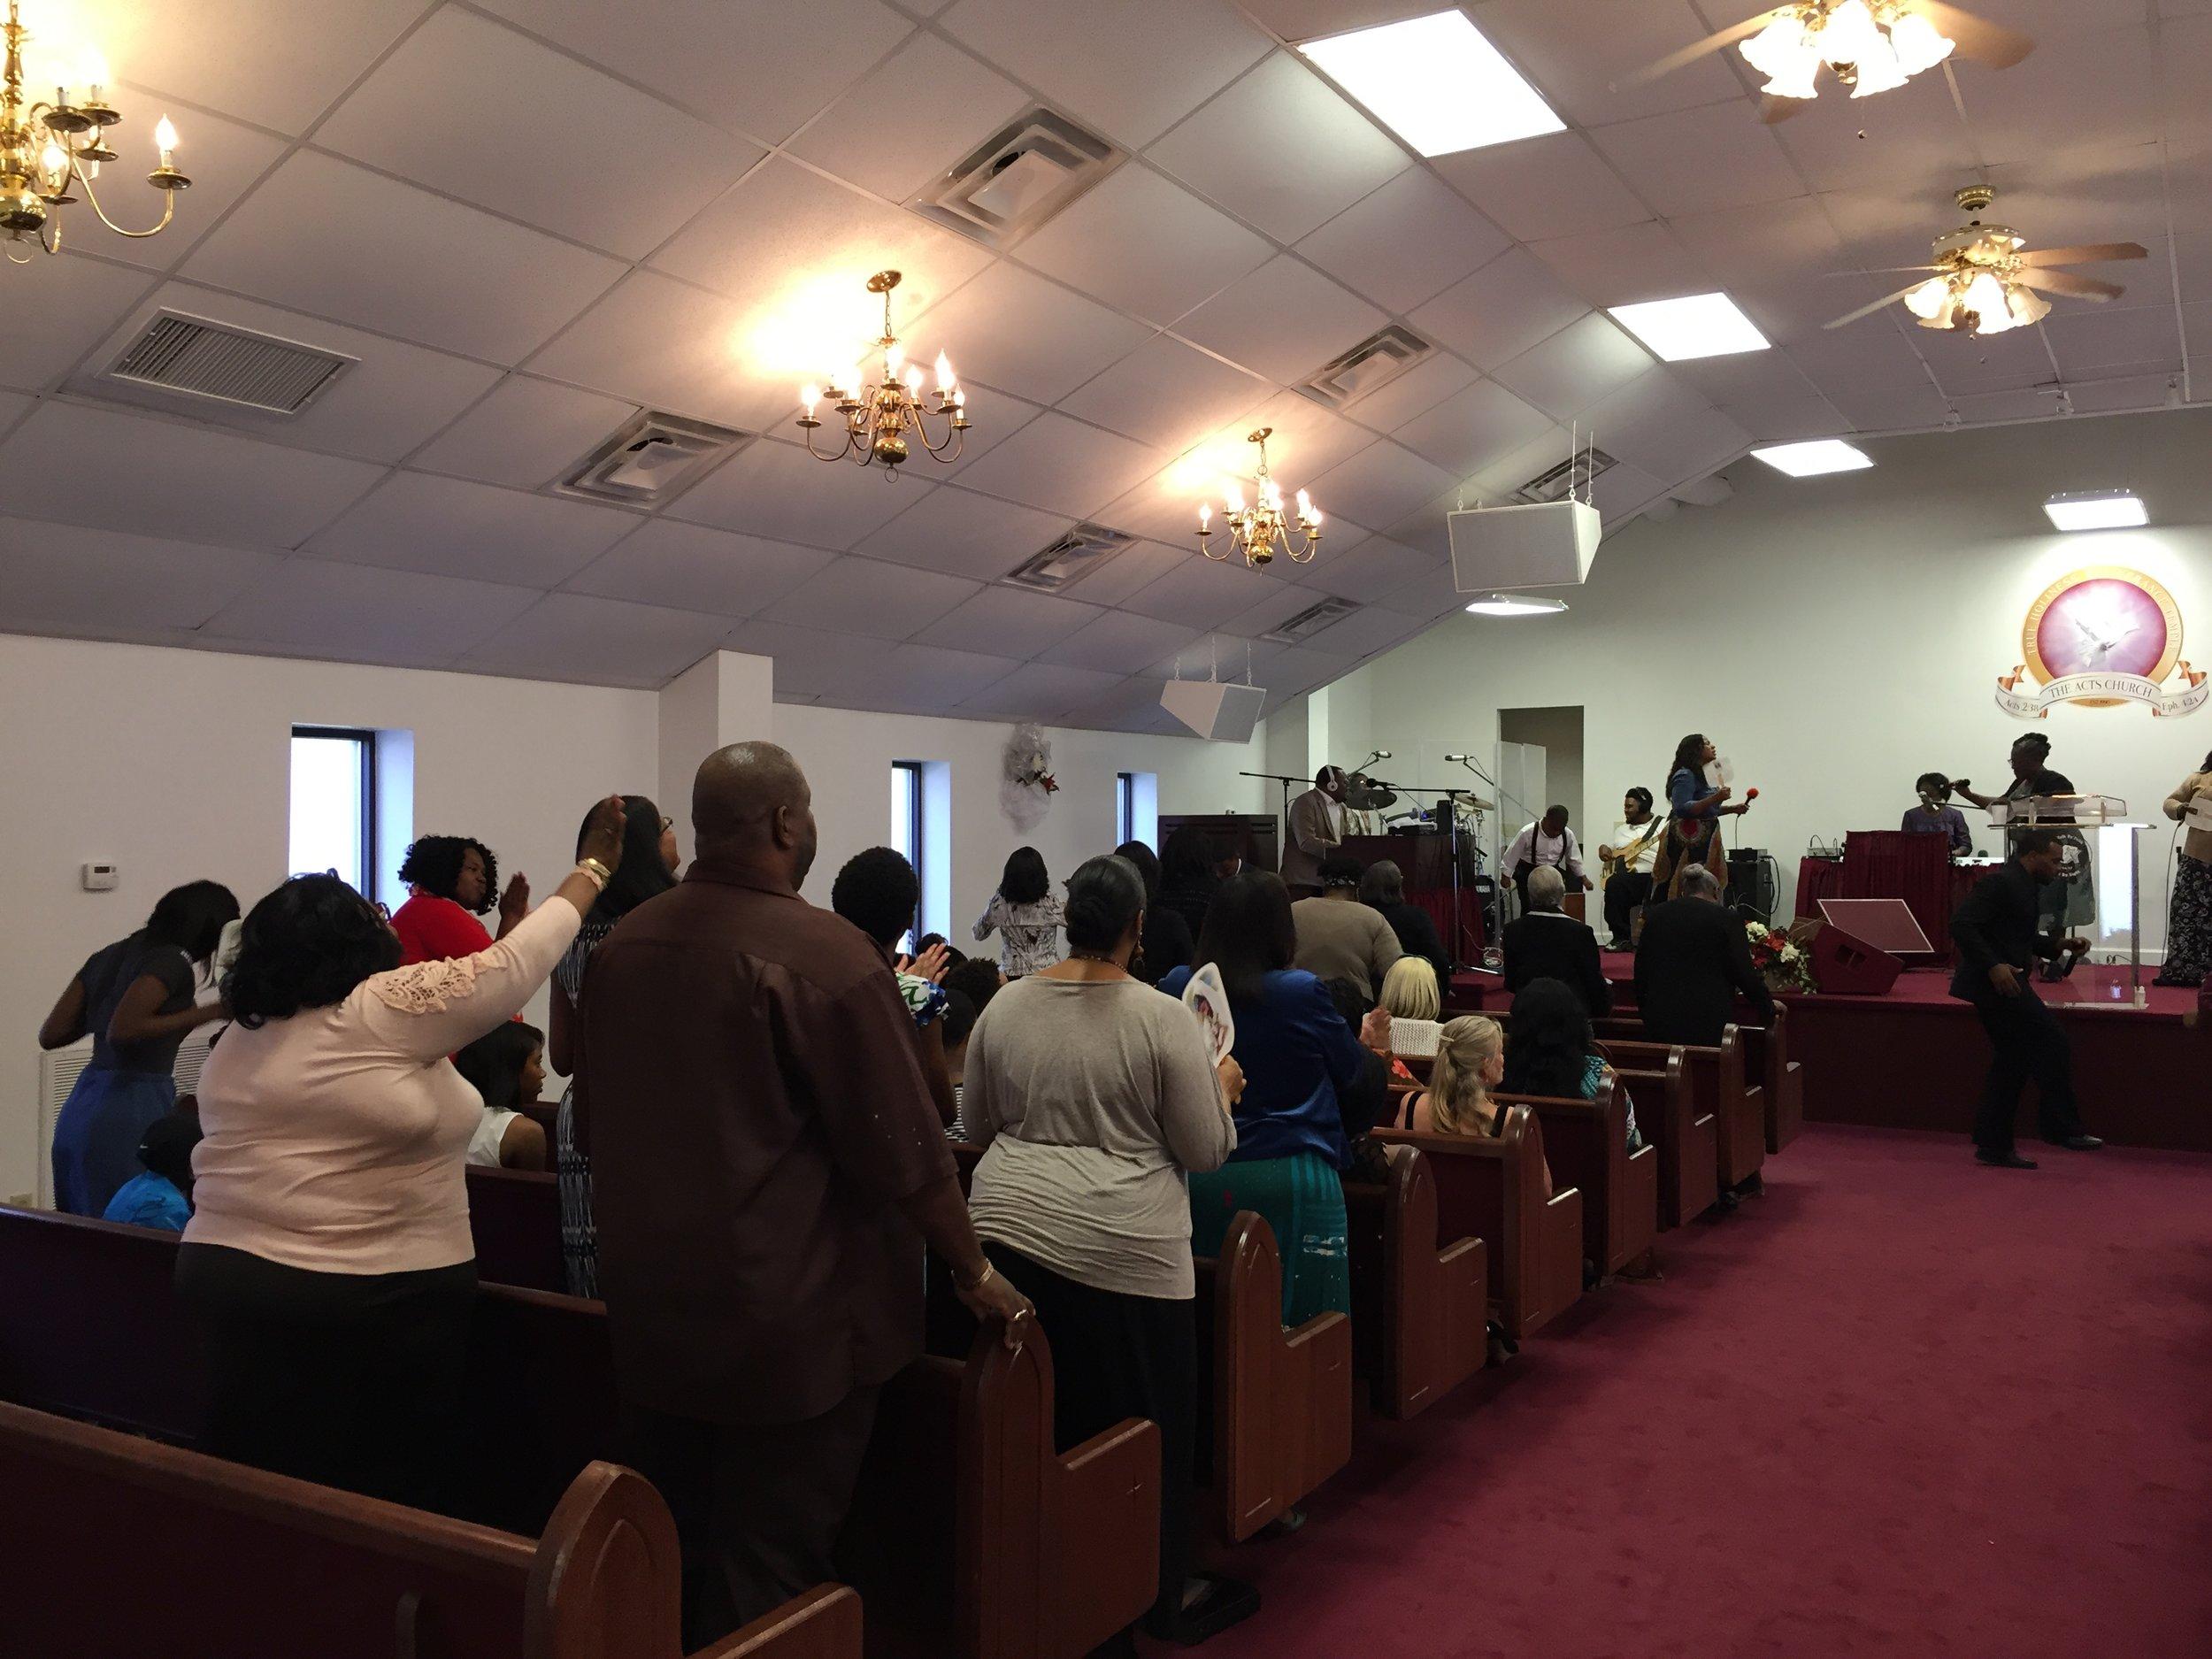 Church pics sep172017-23.jpg